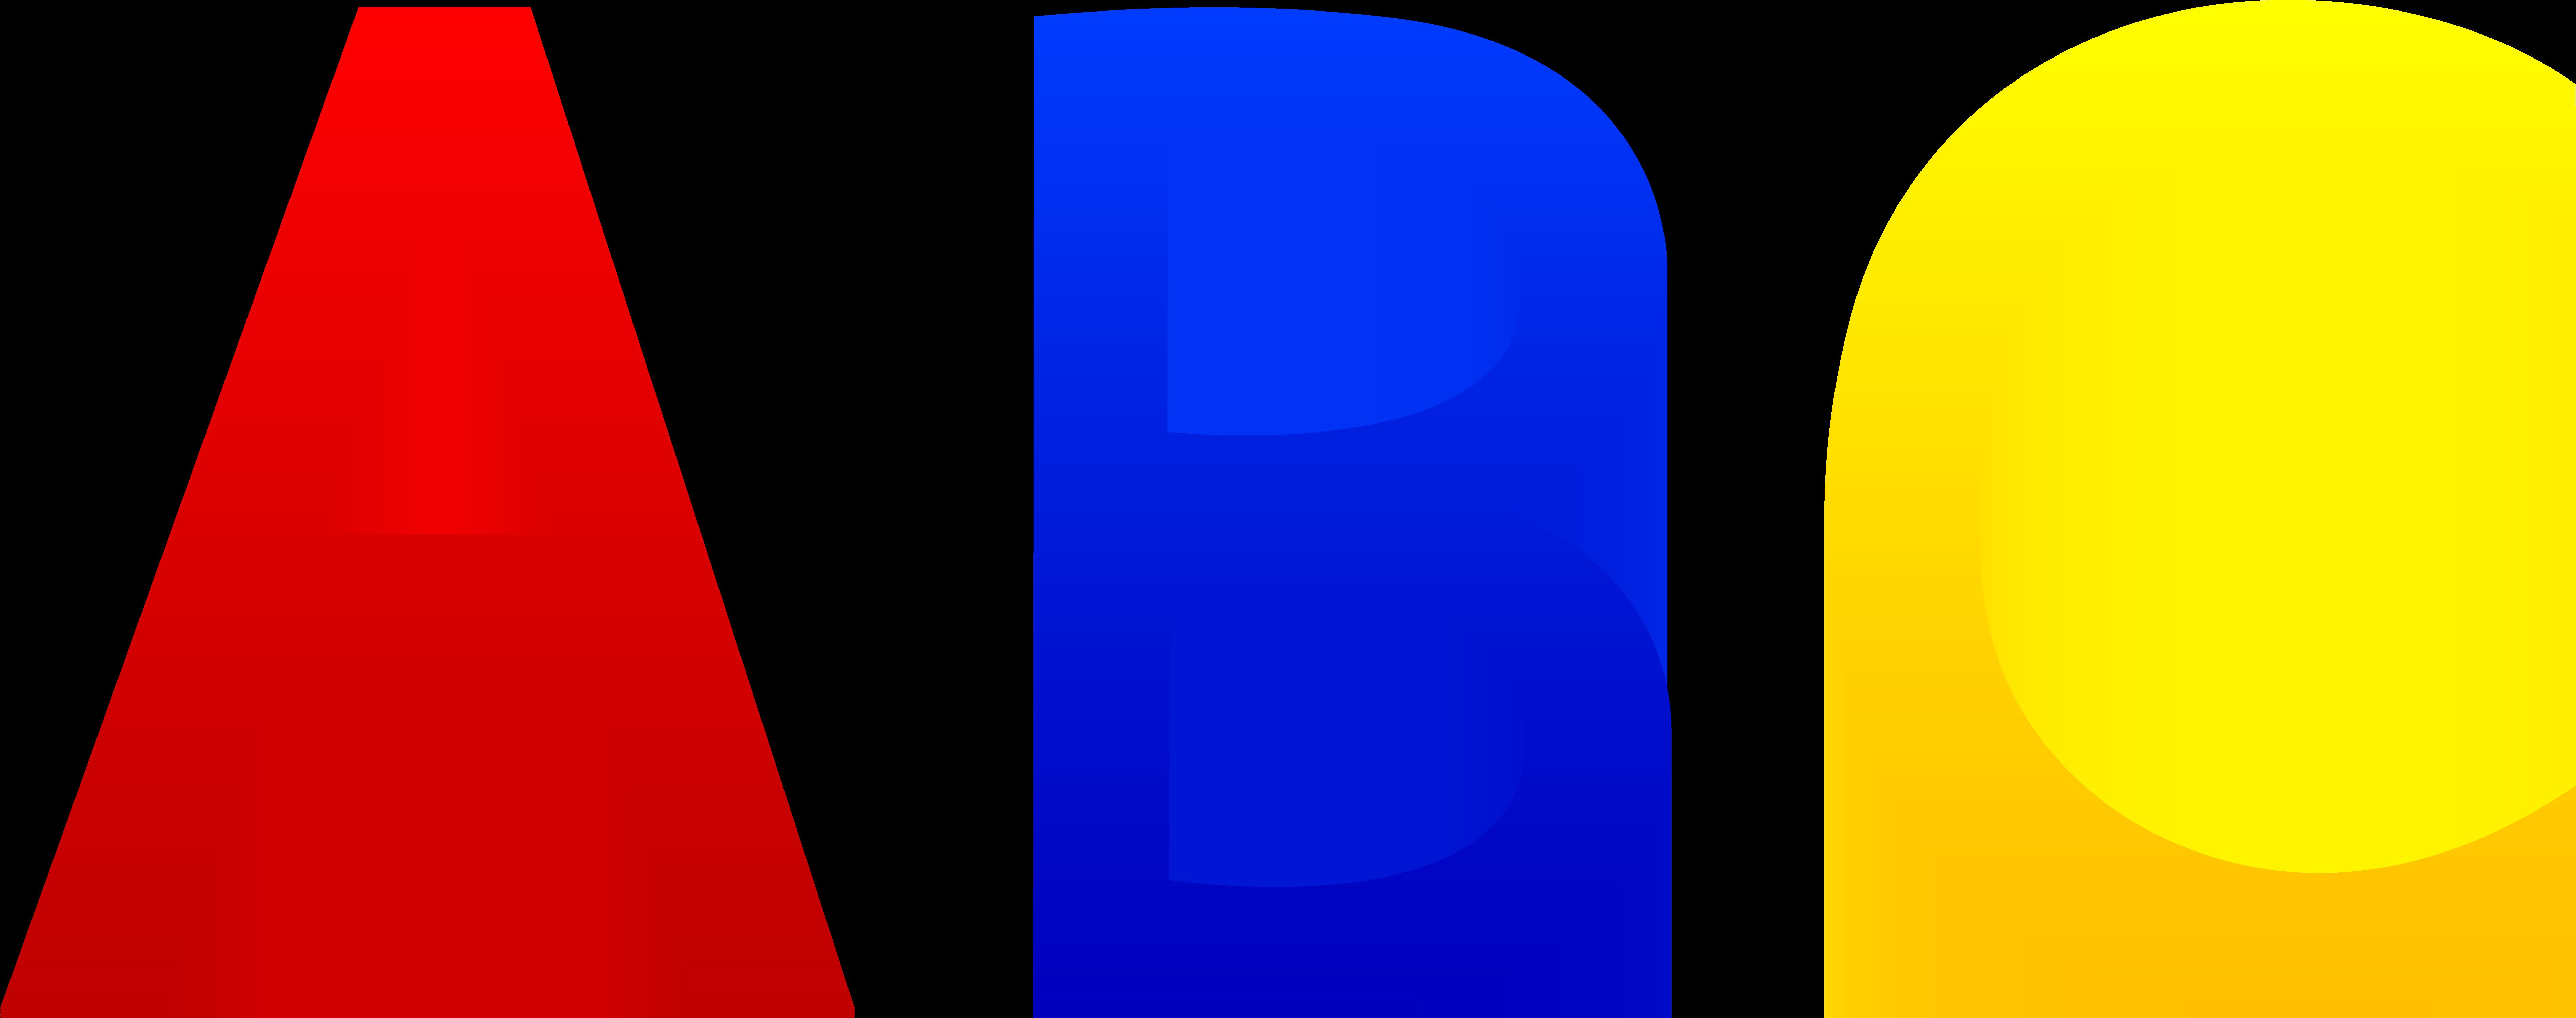 Clipart children alphabet. Abc letters free clip